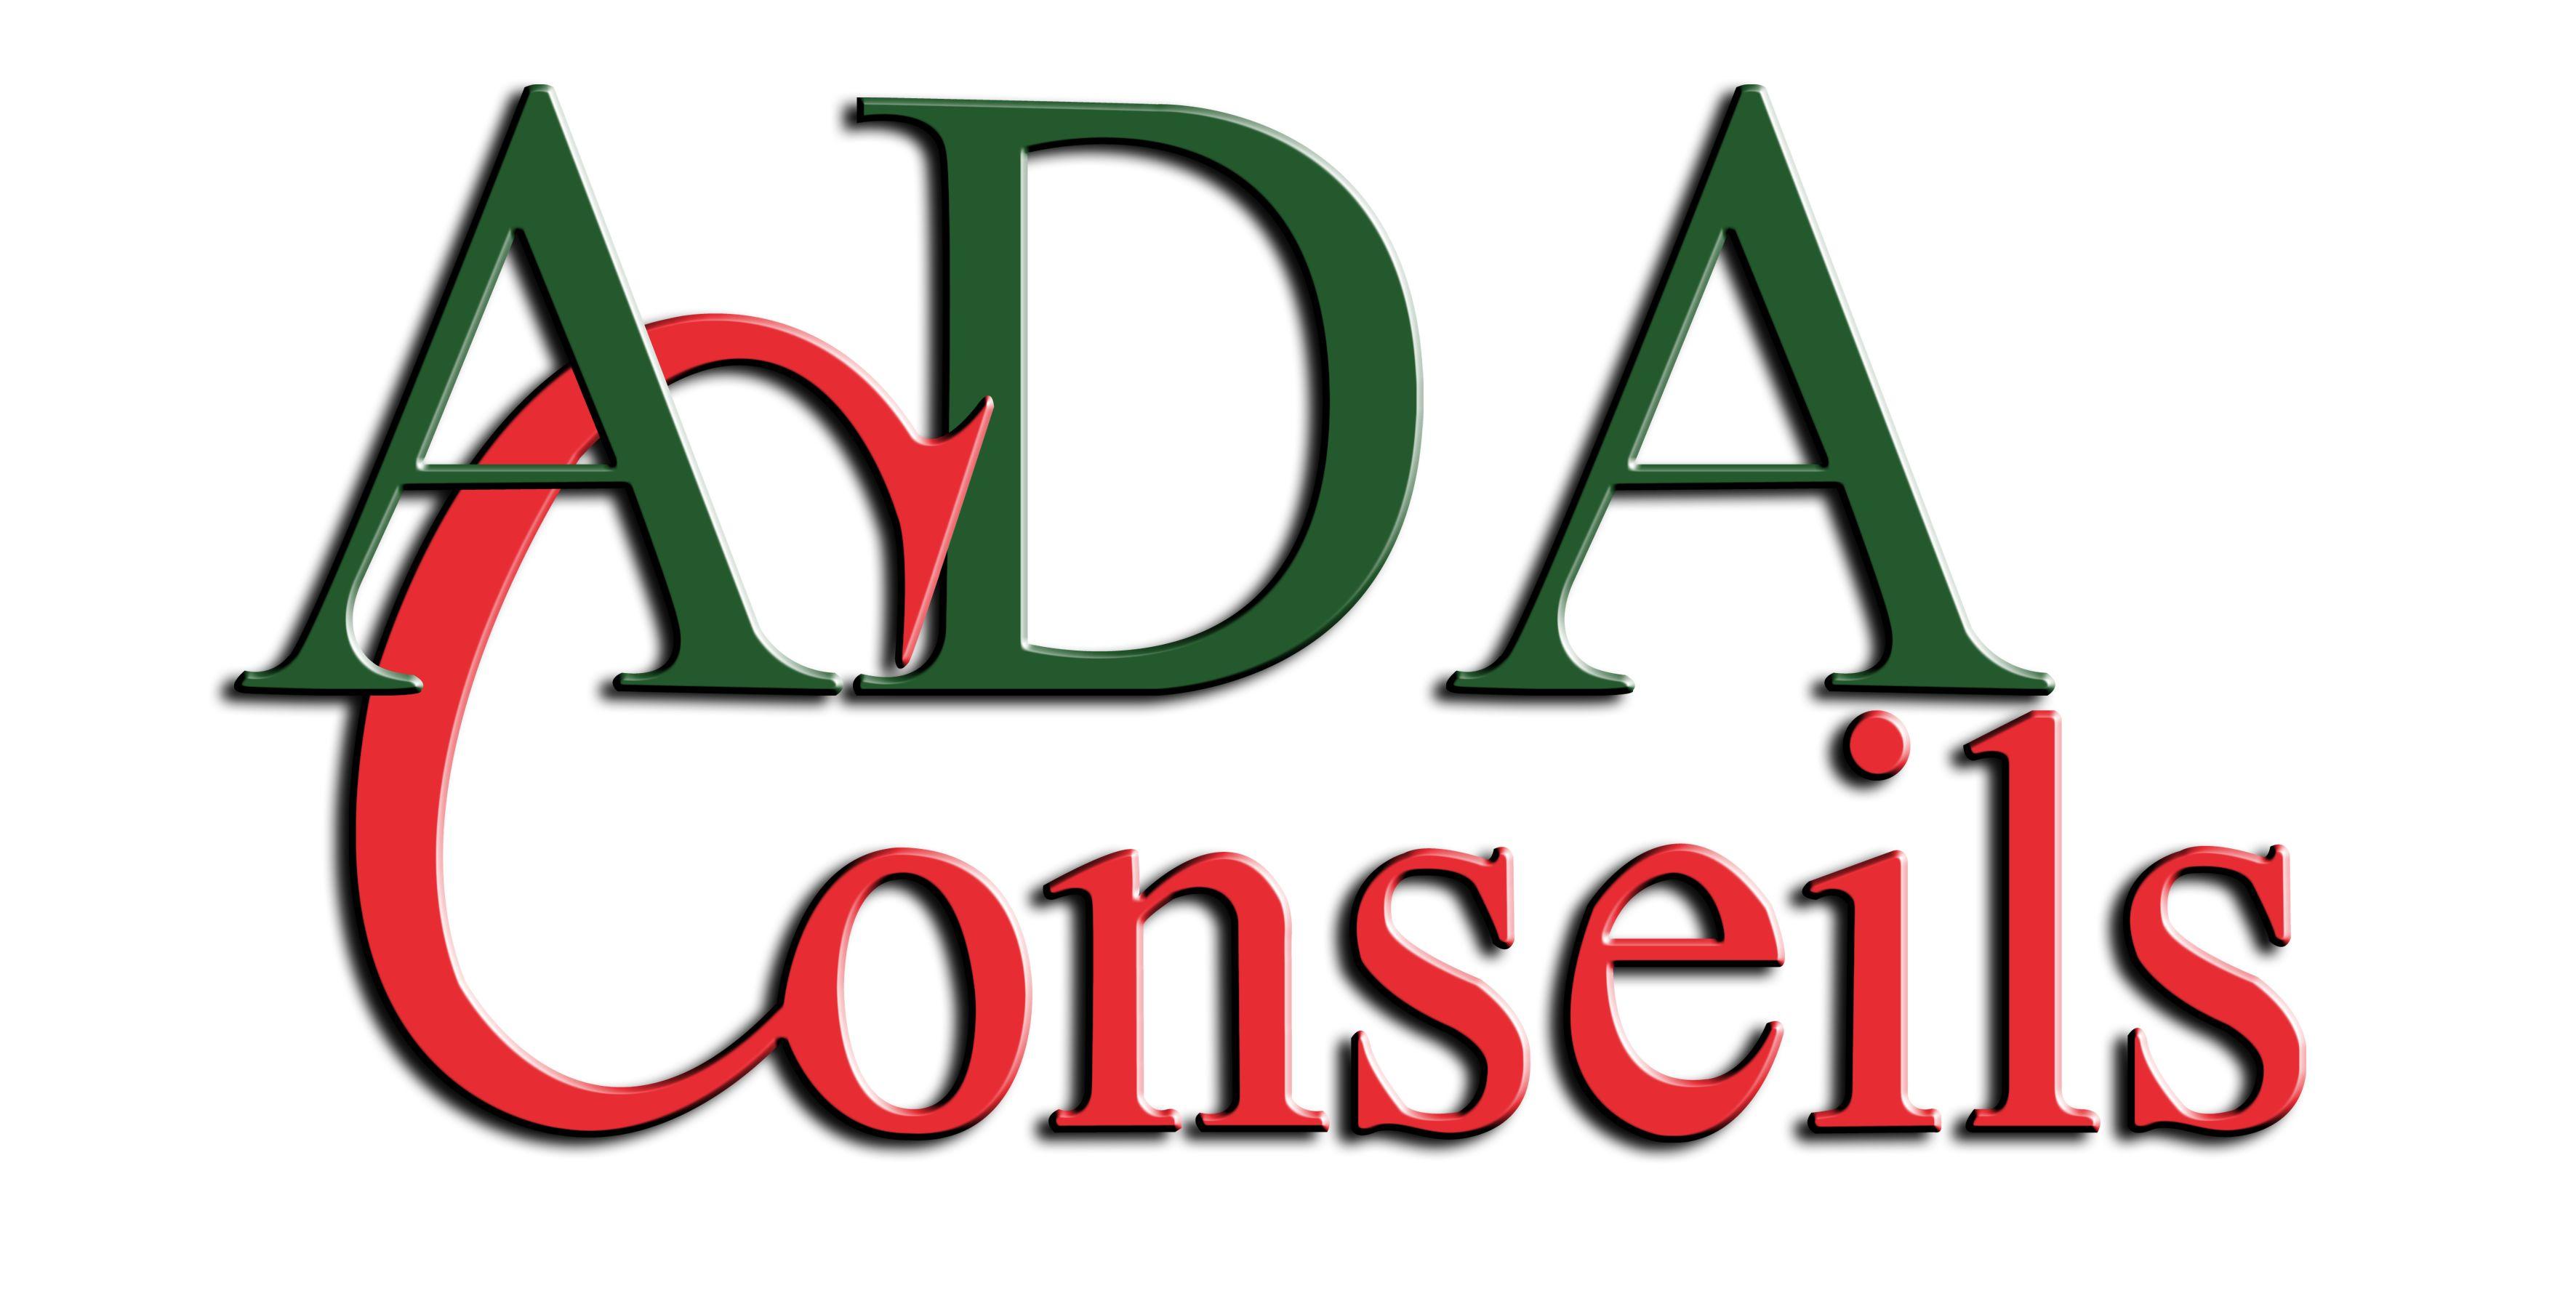 logo ADA conseils | Adhérent DéfiSON